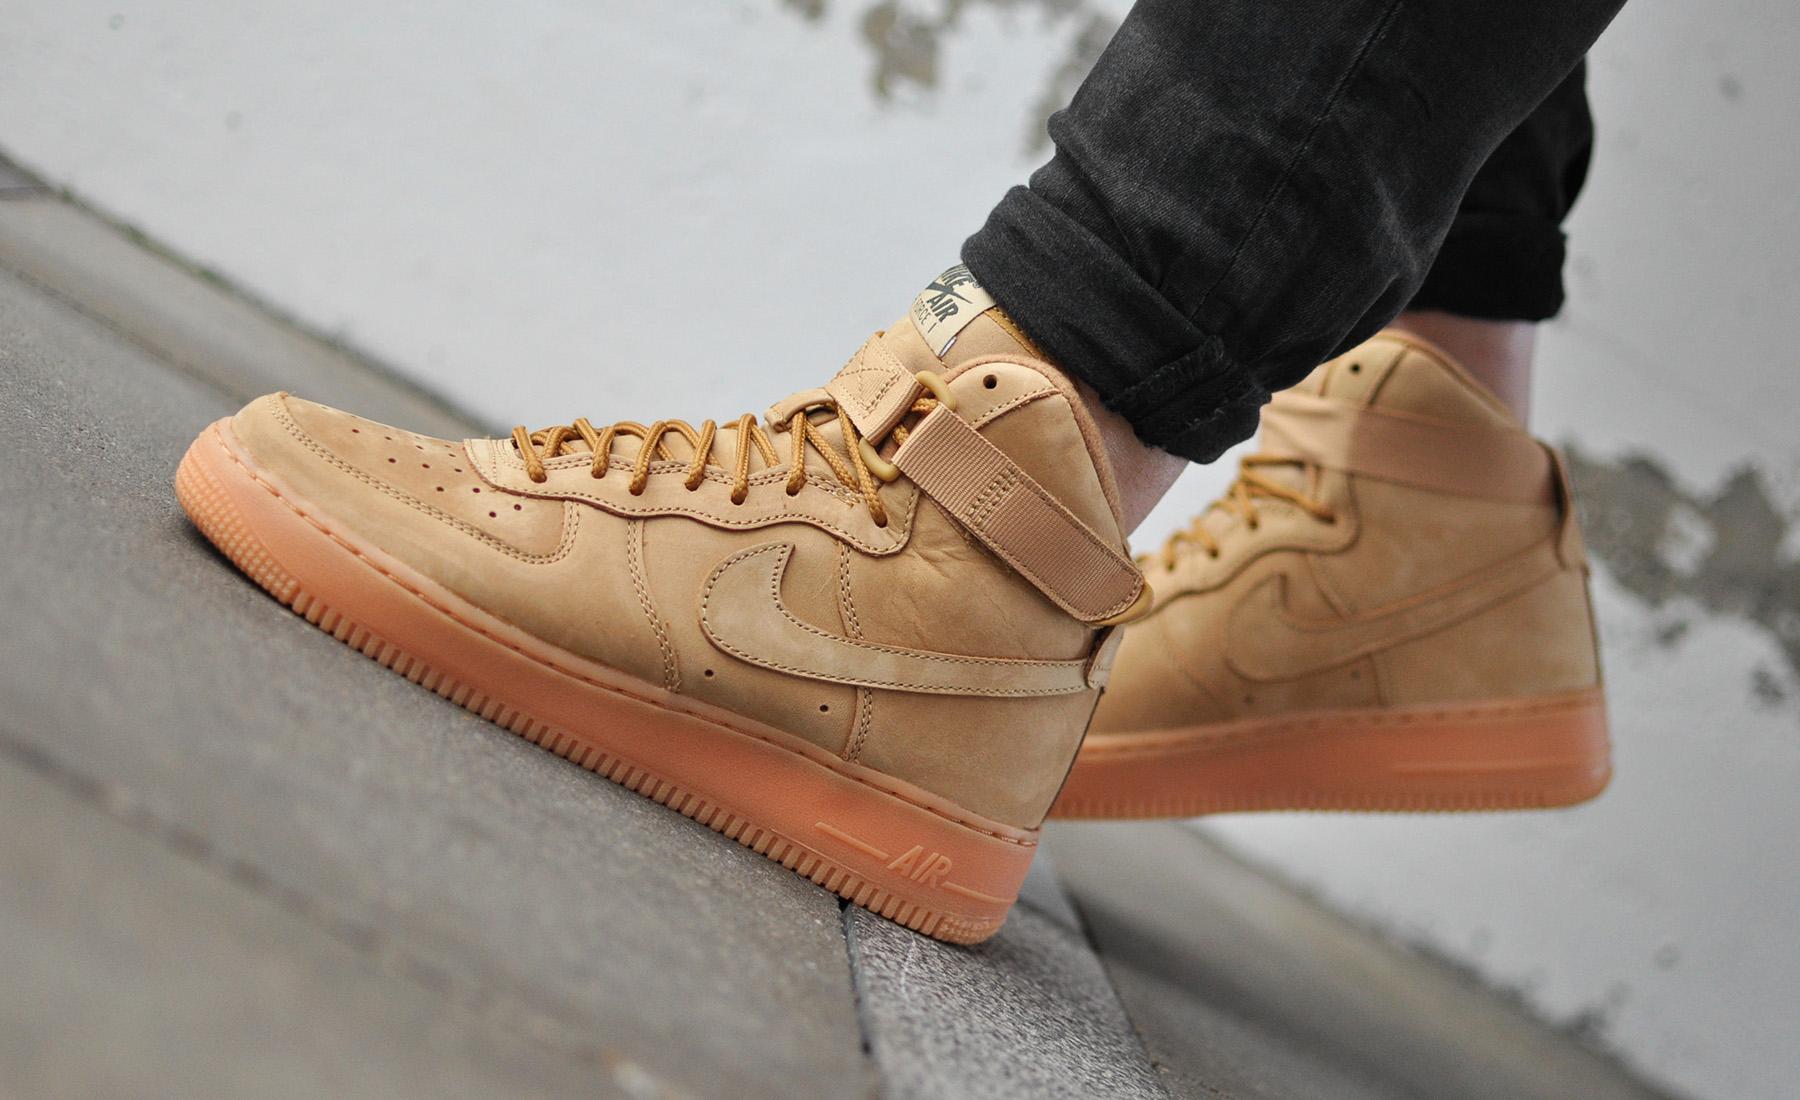 Nike Air Force 1 HI WB GS 922066 203 Sneakers Blog